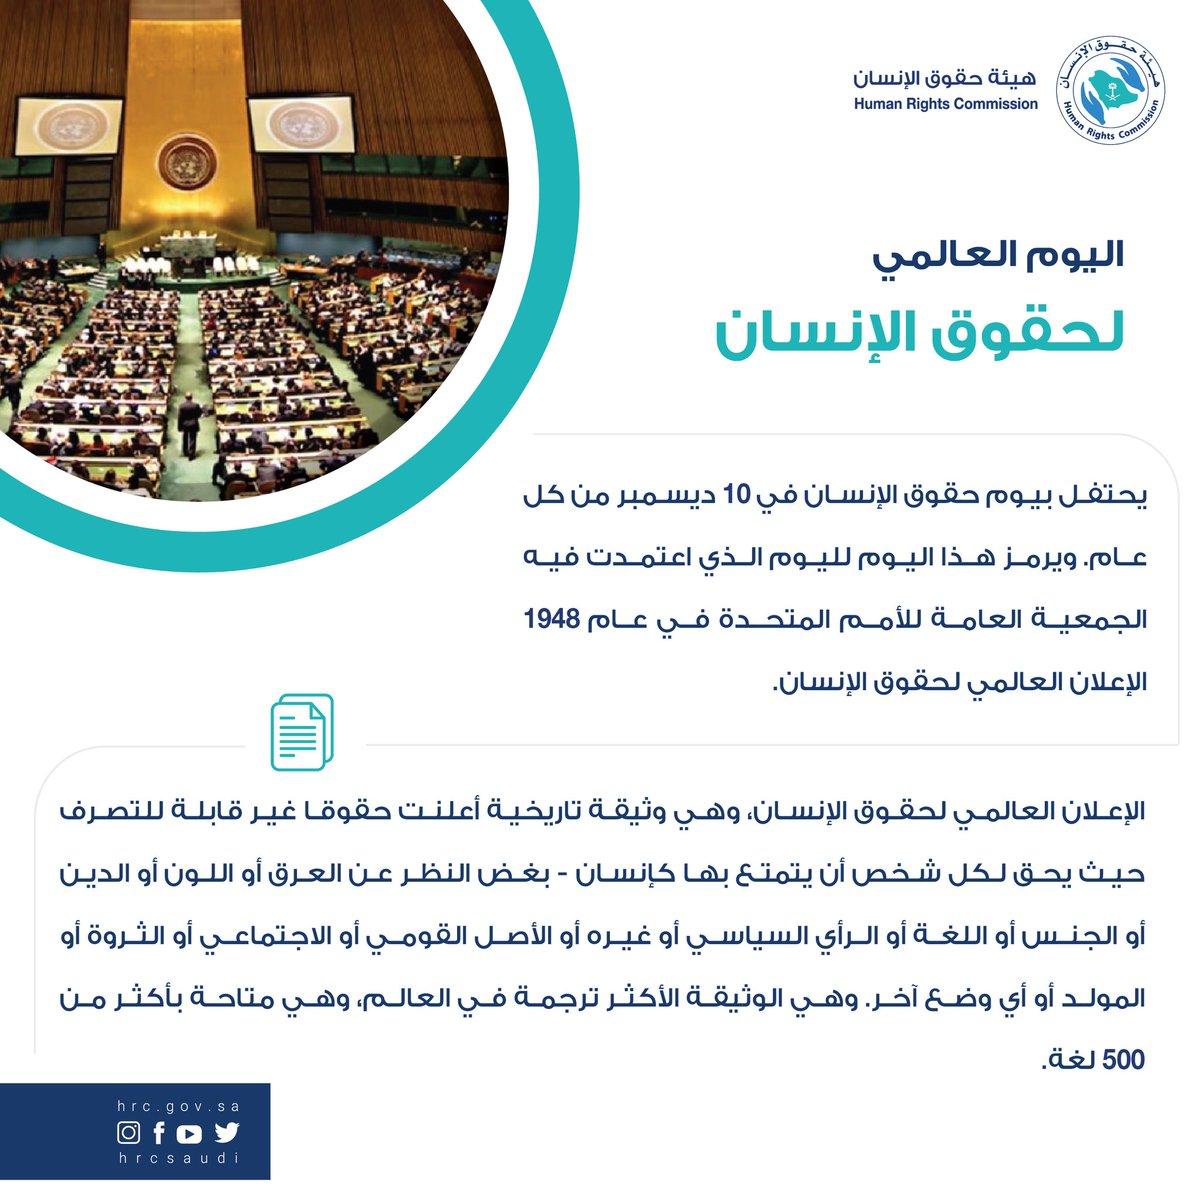 يحتفل العالم بـ #اليوم_العالمي_لحقوق_الإنسان في  10 ديسمبر من كل عام، ويرمز هذا اليوم لليوم الذي اعتمدت فيه الجمعية العامة للأمم المتحدة في عام 1948 الإعلان العالمي لـ #حقوق_الإنسان .   #السعودية